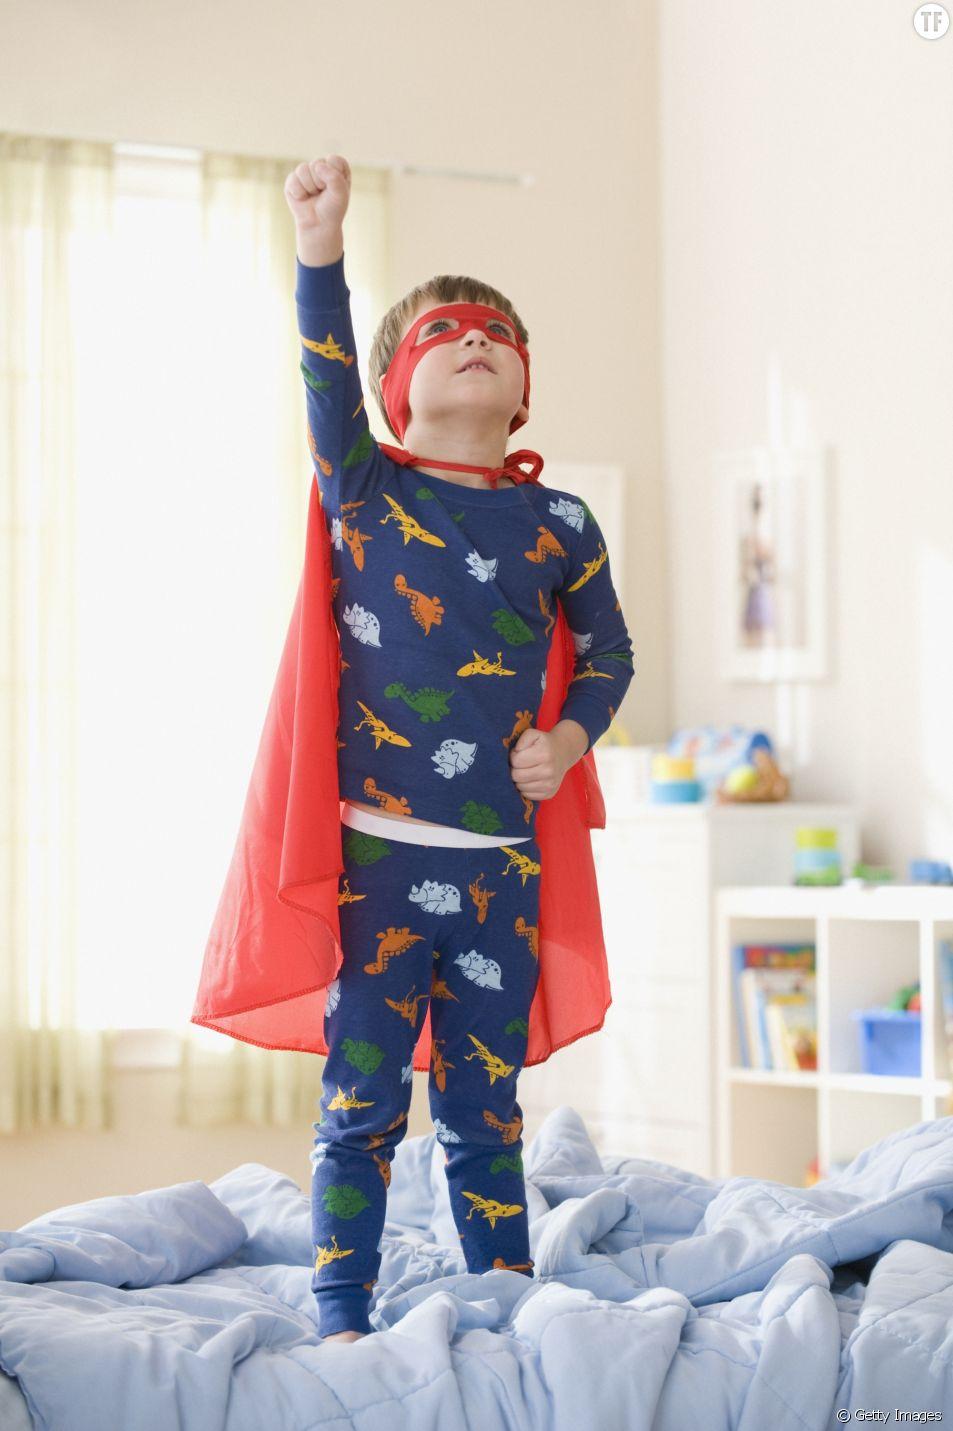 Les super-héros, néfastes pour les enfants ?